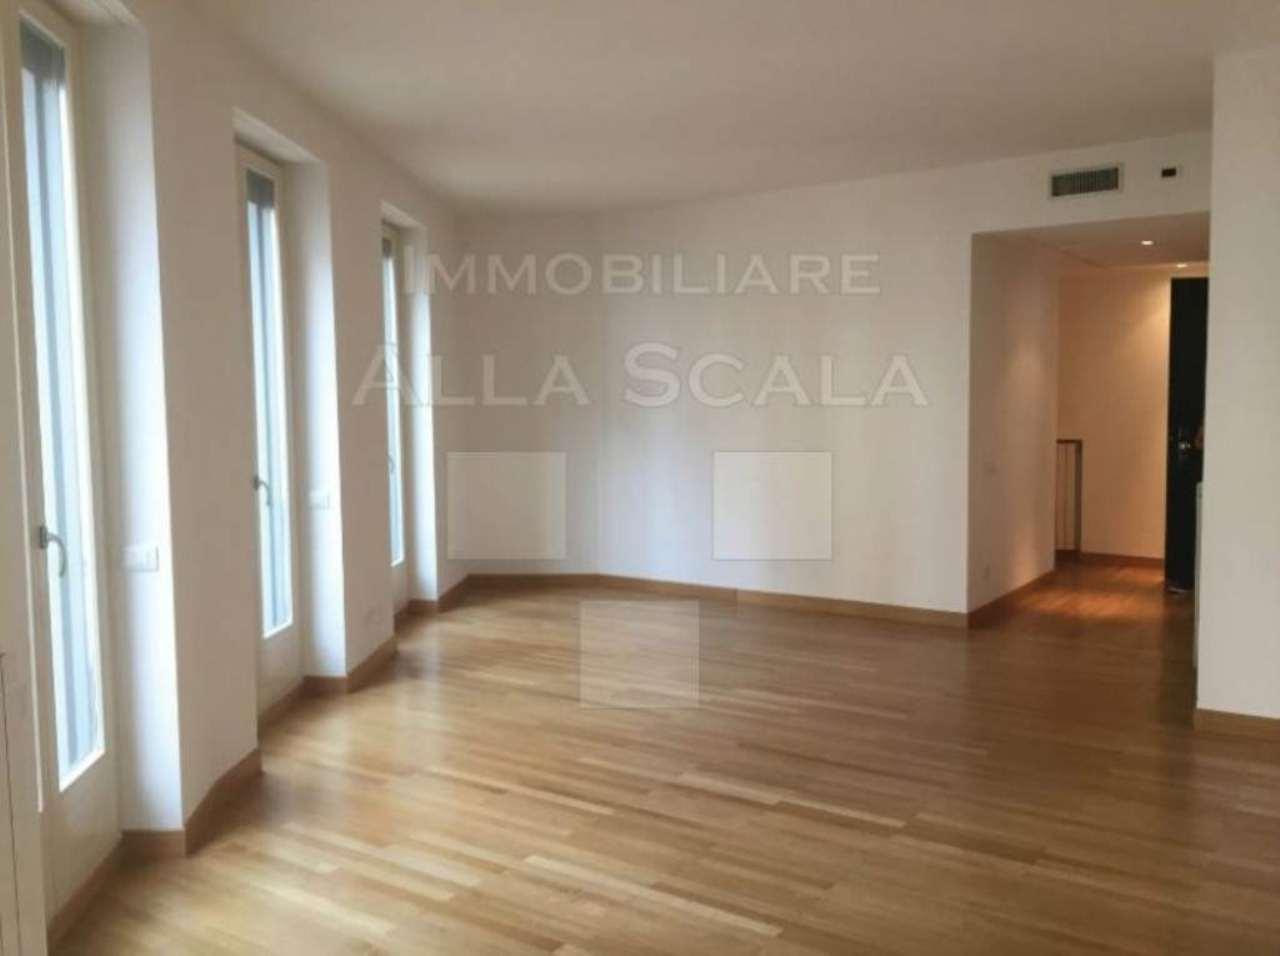 Appartamento in affitto a milano piazza s alessandro for Affitti milano centro